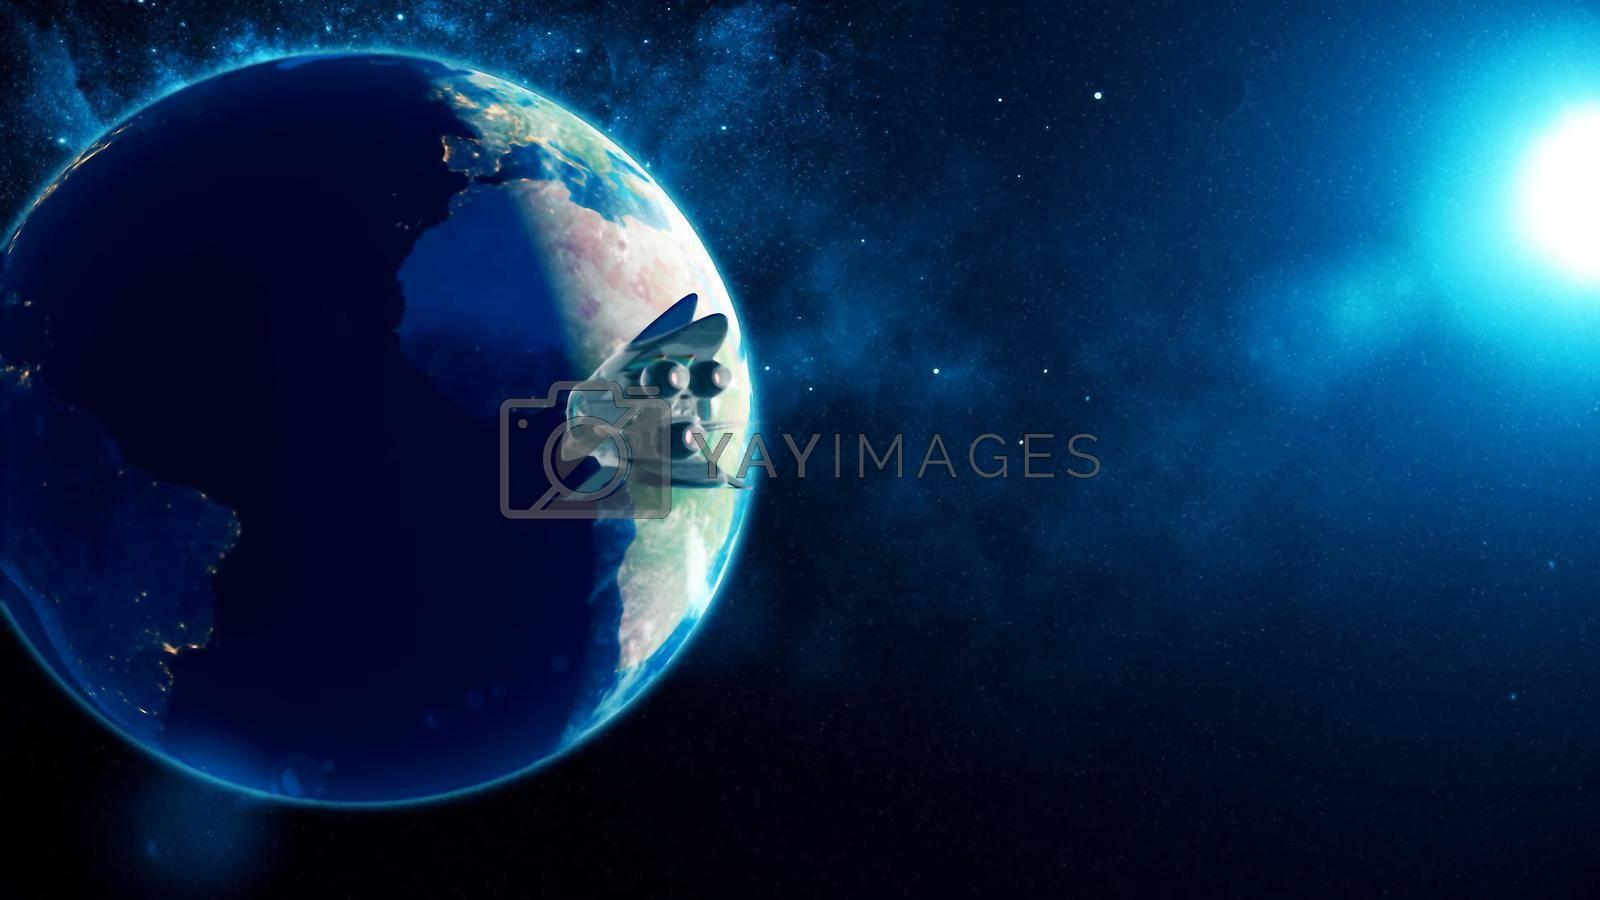 Abstract alien spacecraft flies past Earth